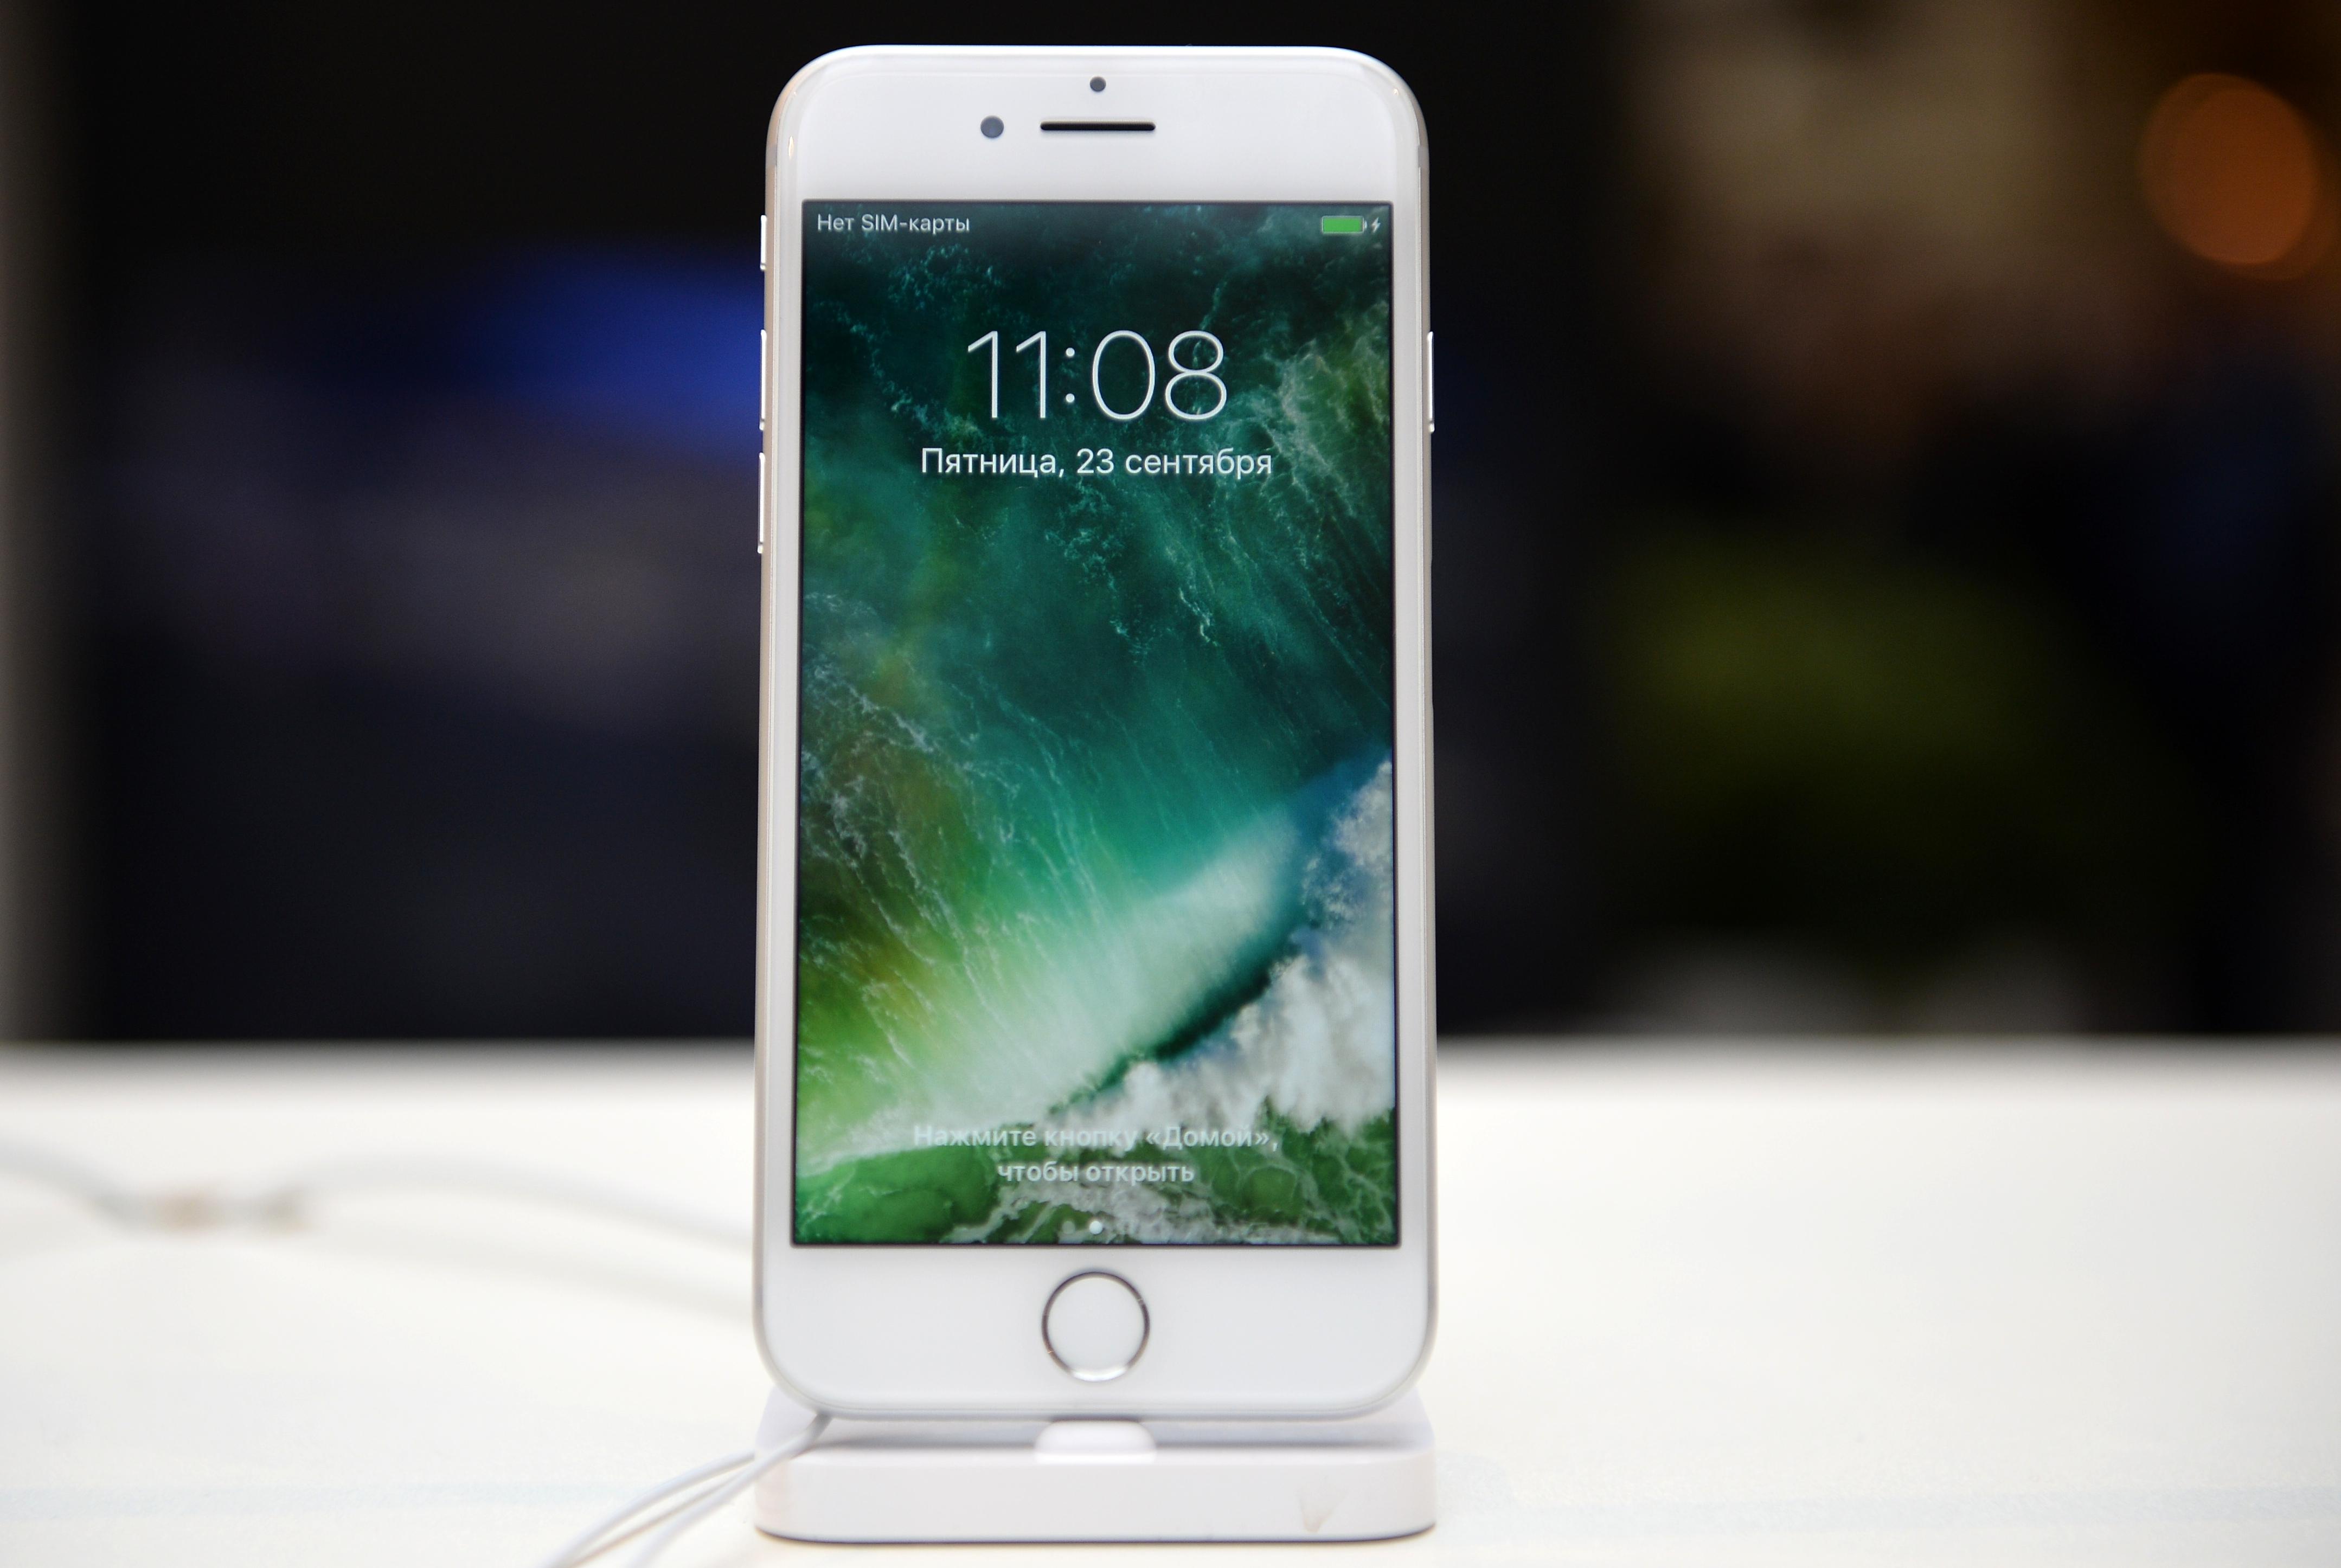 A brit kormány készített egy alkalmazást az EU országok állampolgárainak, csak iPhone-on nem működik